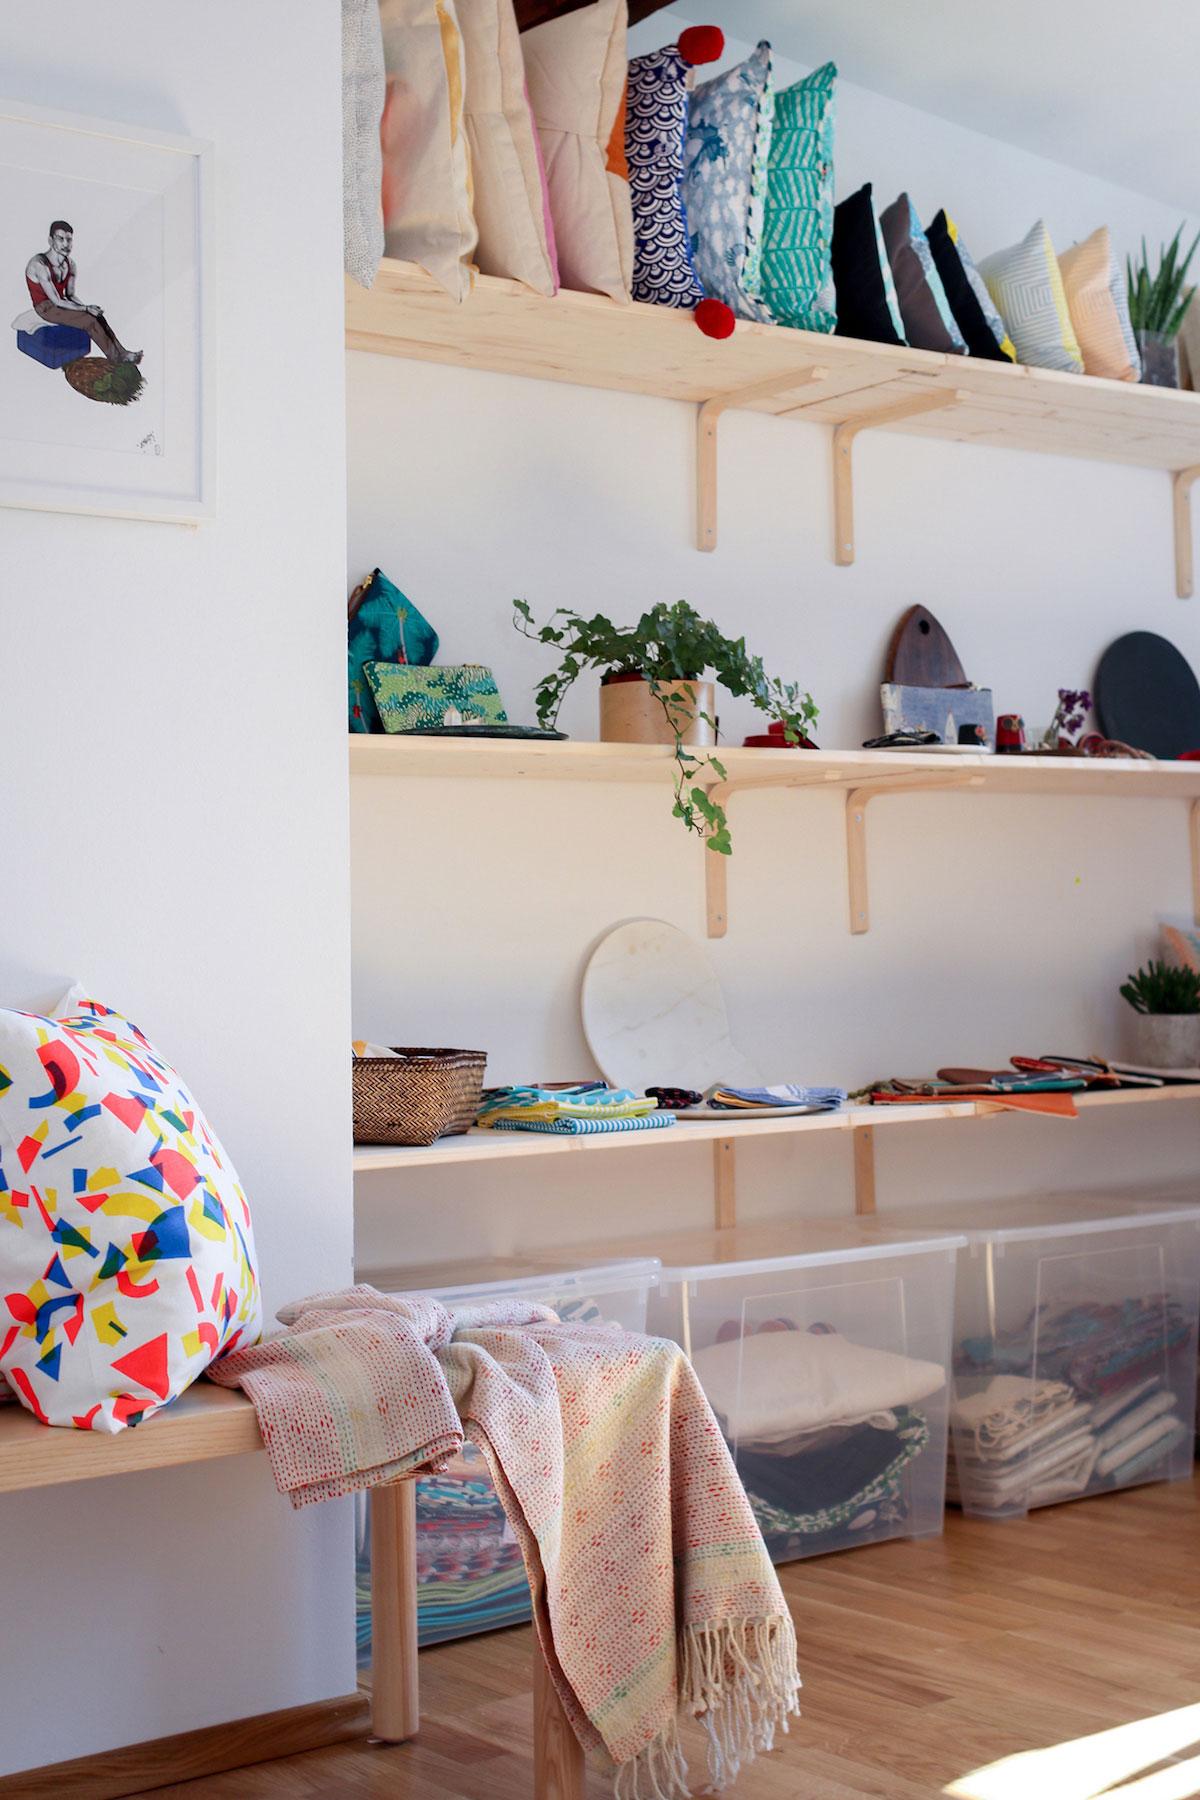 Niedlich Einfaches Interior Design Für Küche In Indien Fotos ...